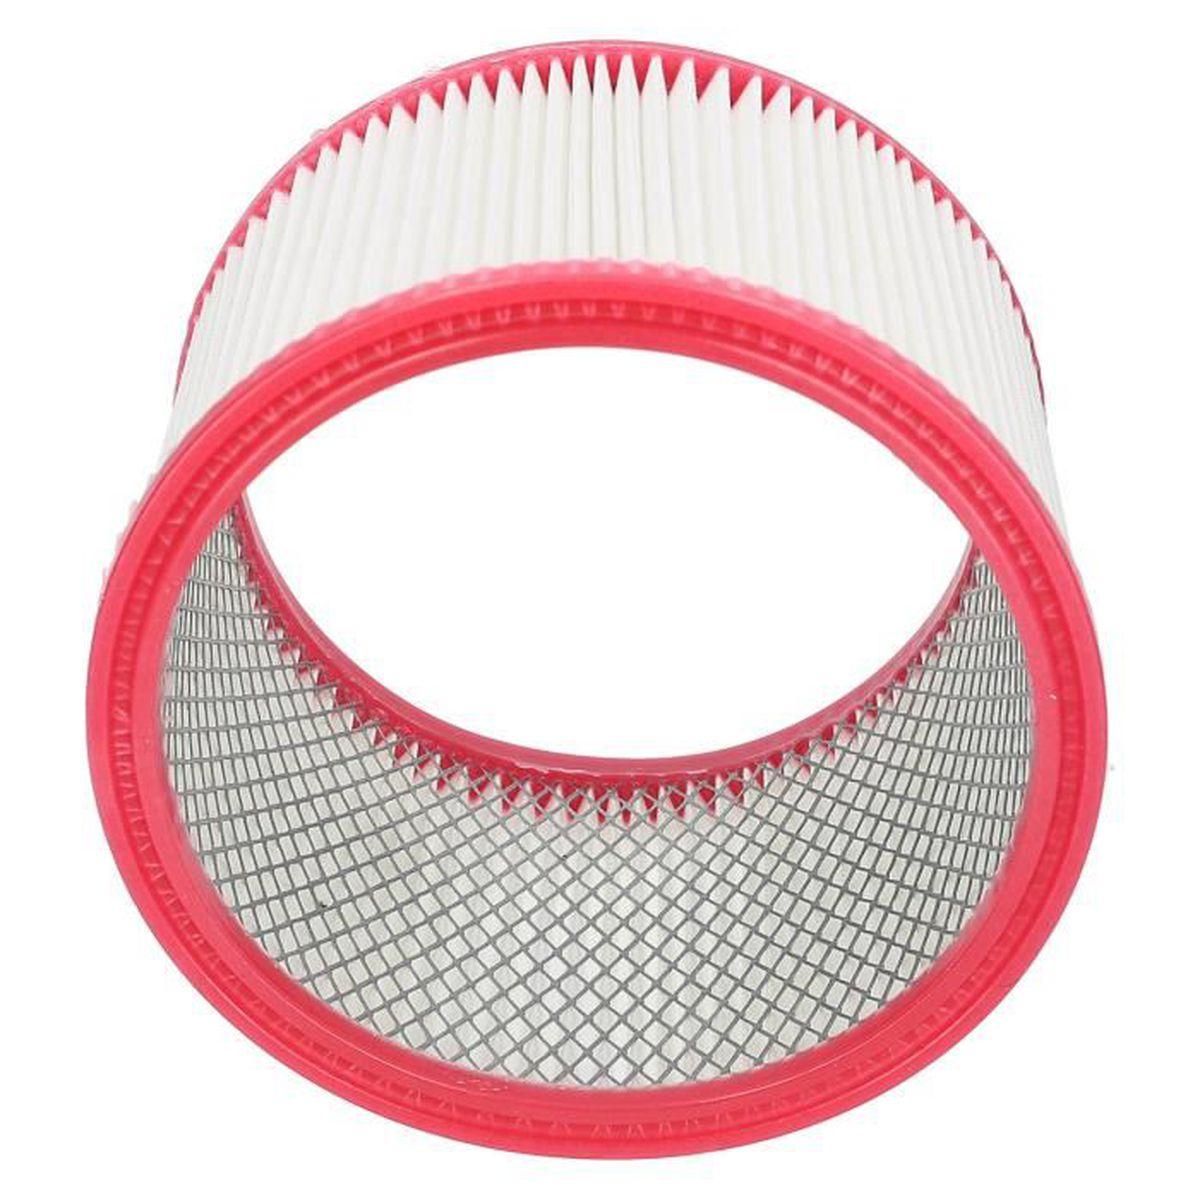 """2 x filtre pour aspirateur HENRY HOOVER Rond fits 12 /""""de diamètre tissu pièce de rechange"""